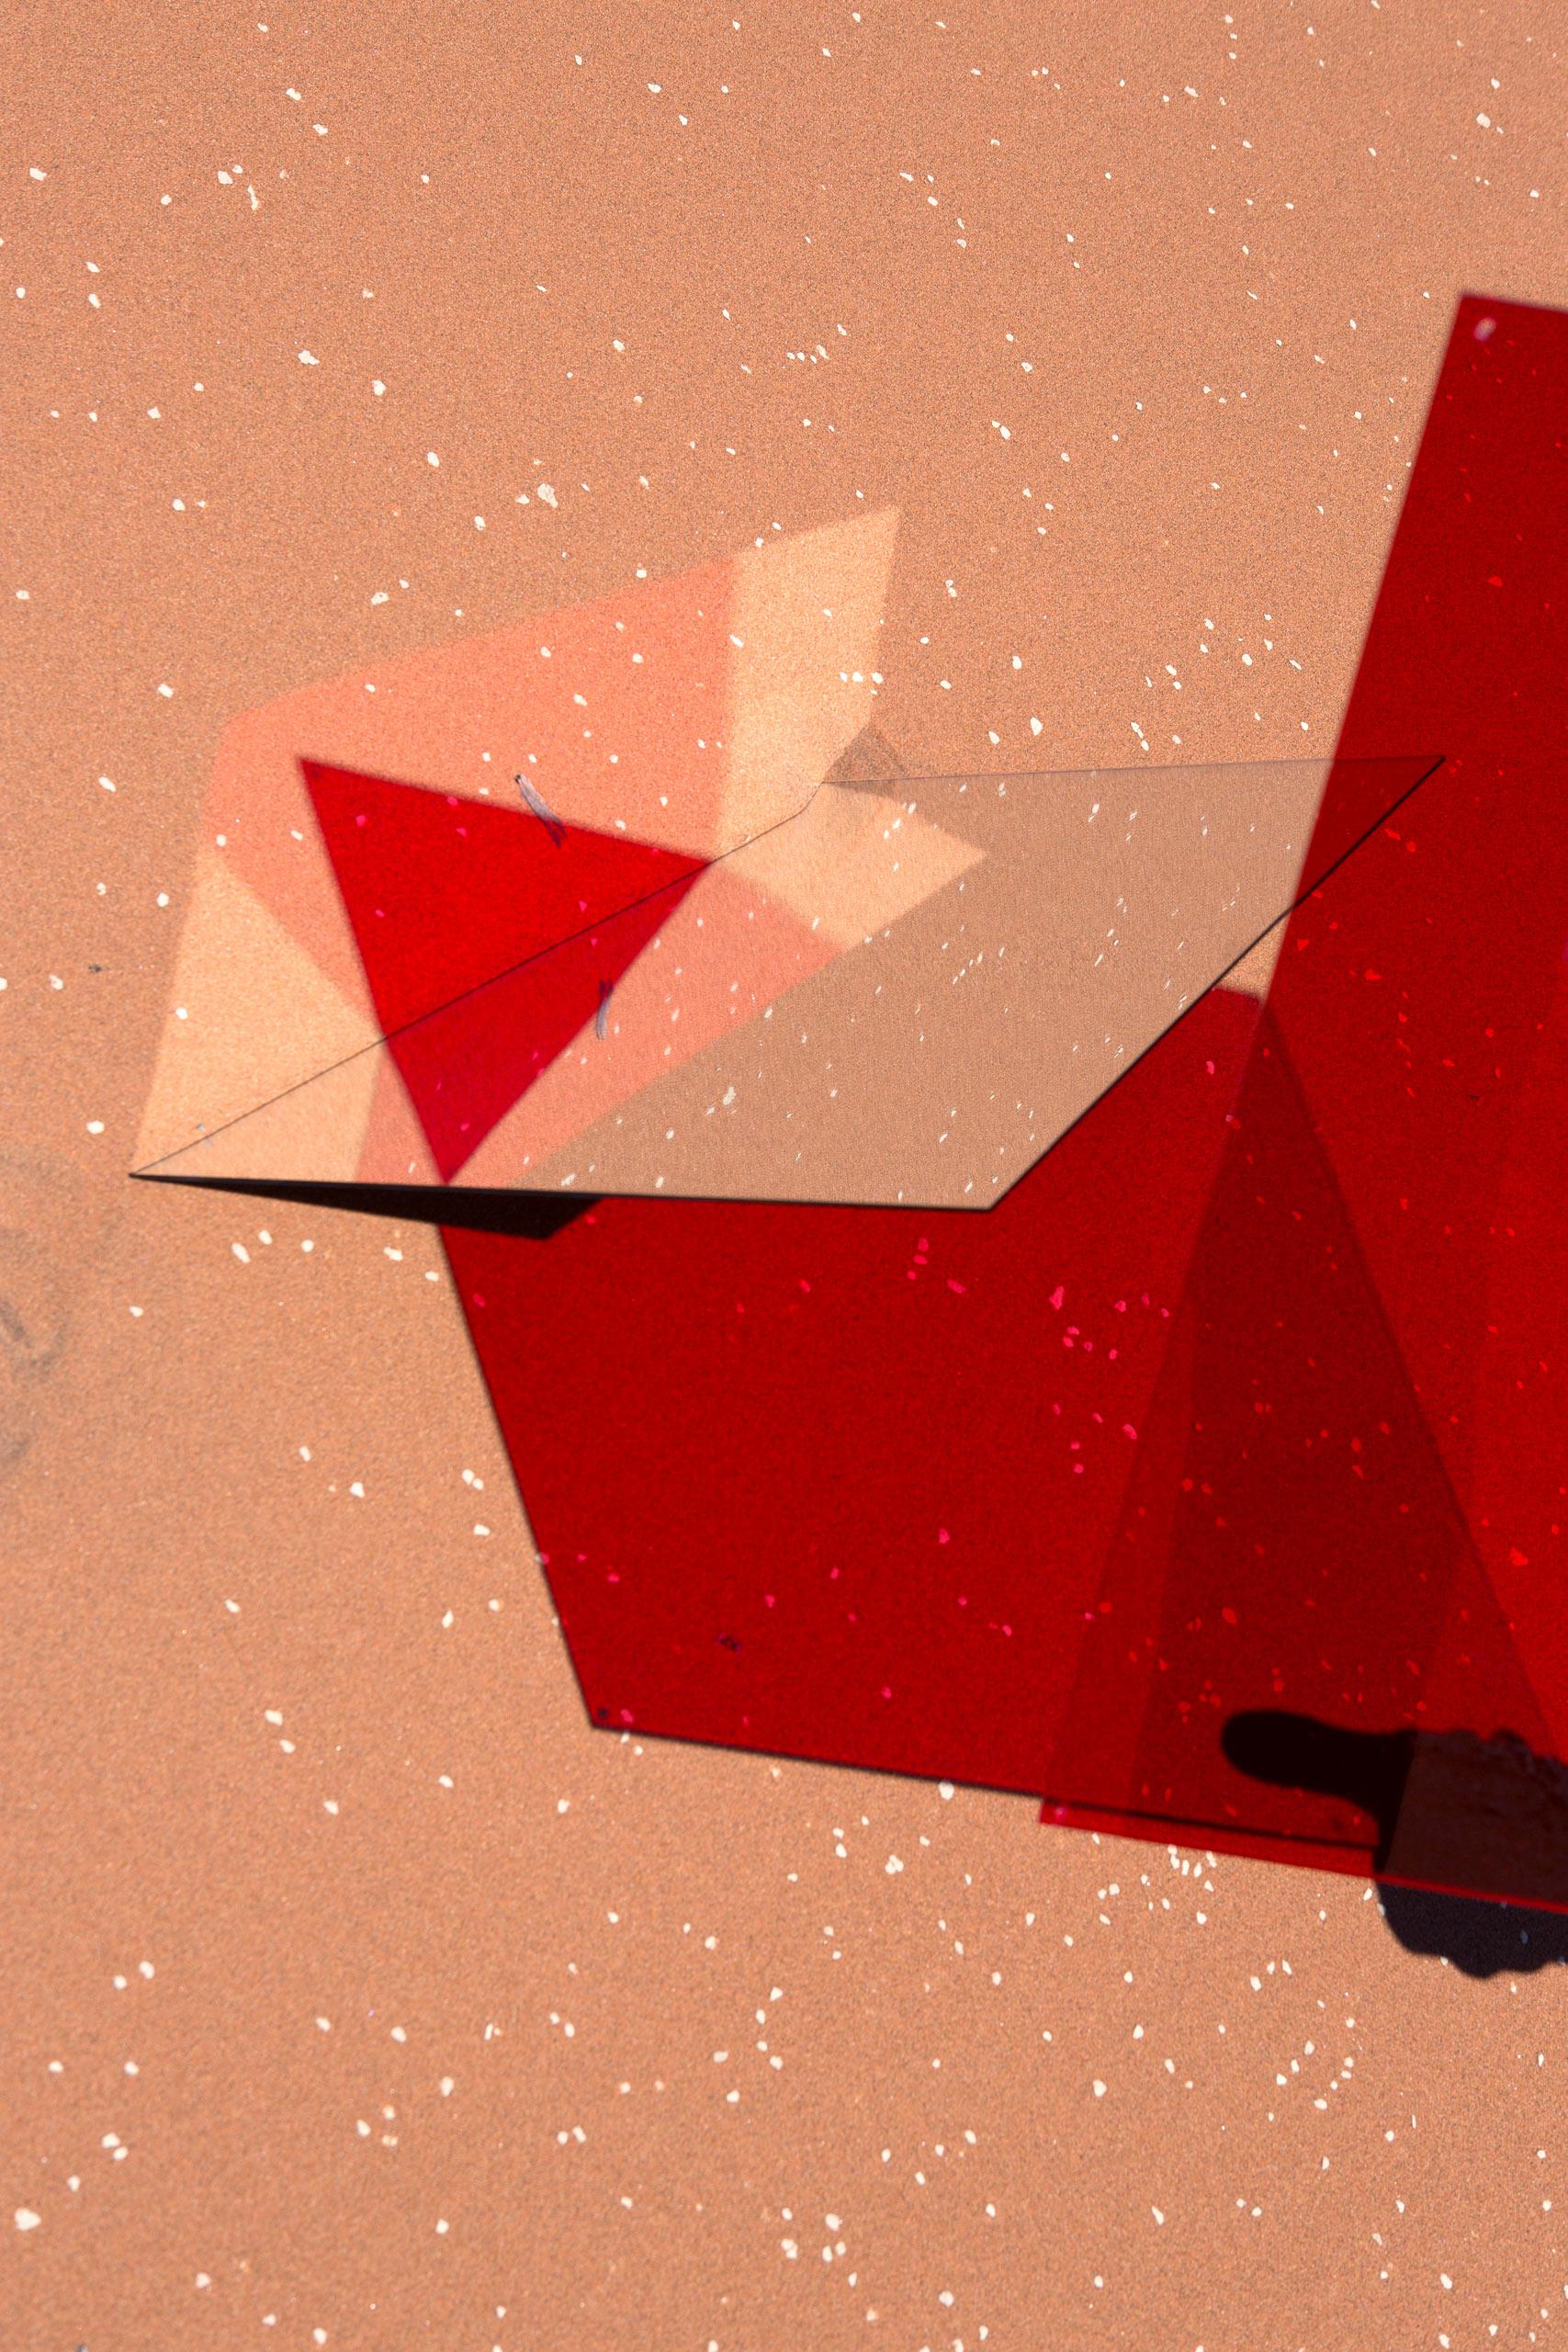 Axiom R01, from the series  Axiom  2014.